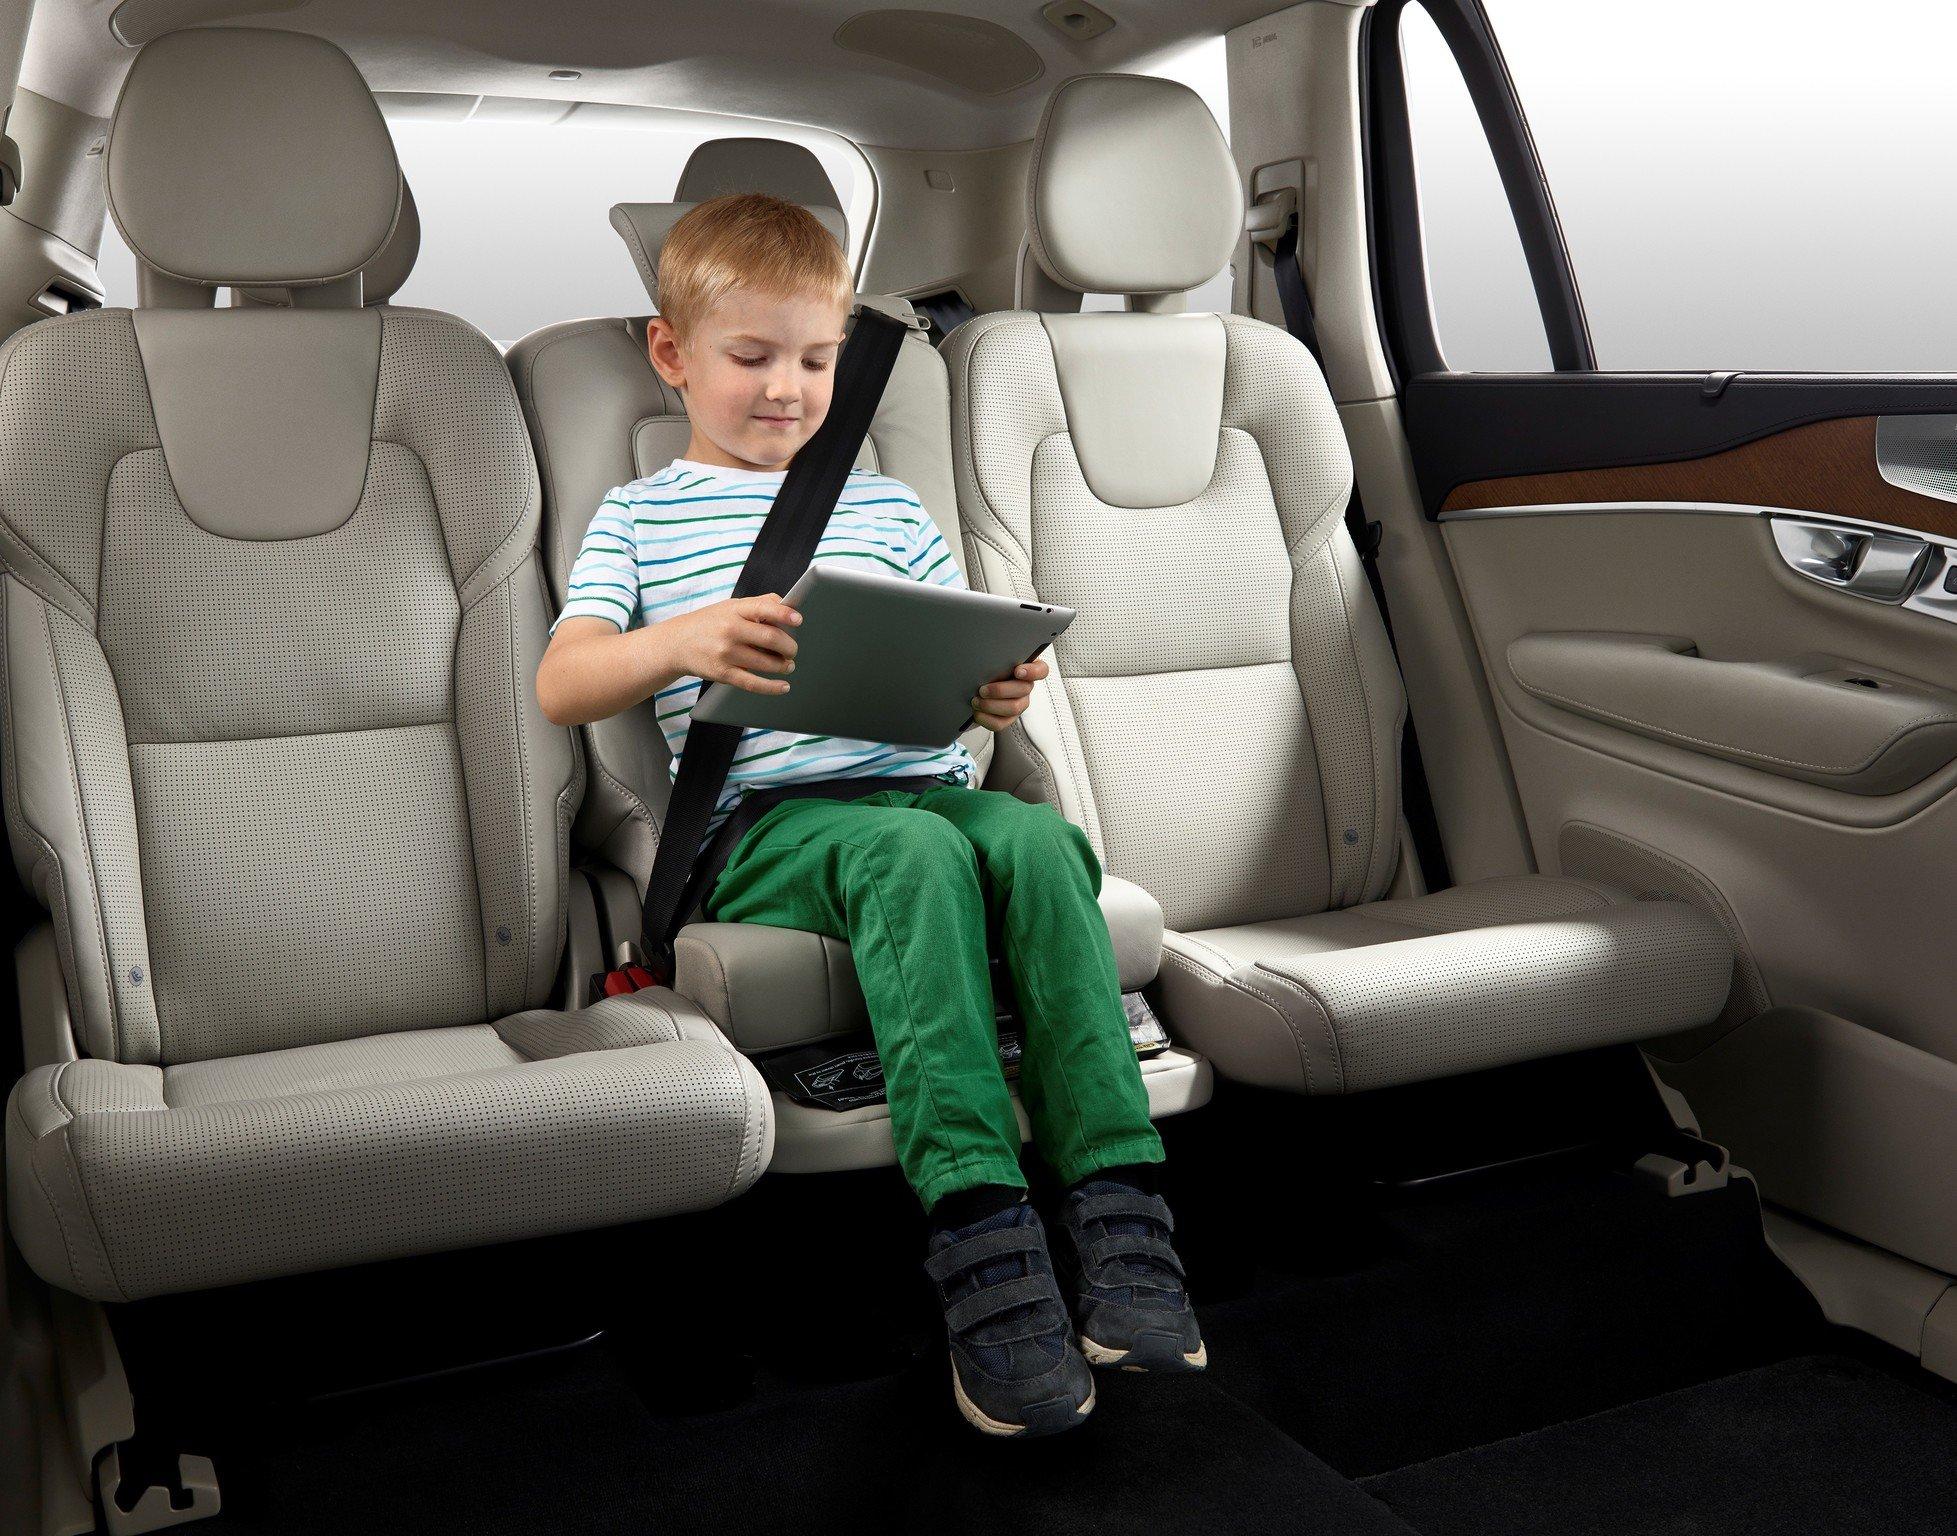 Niño interior coche